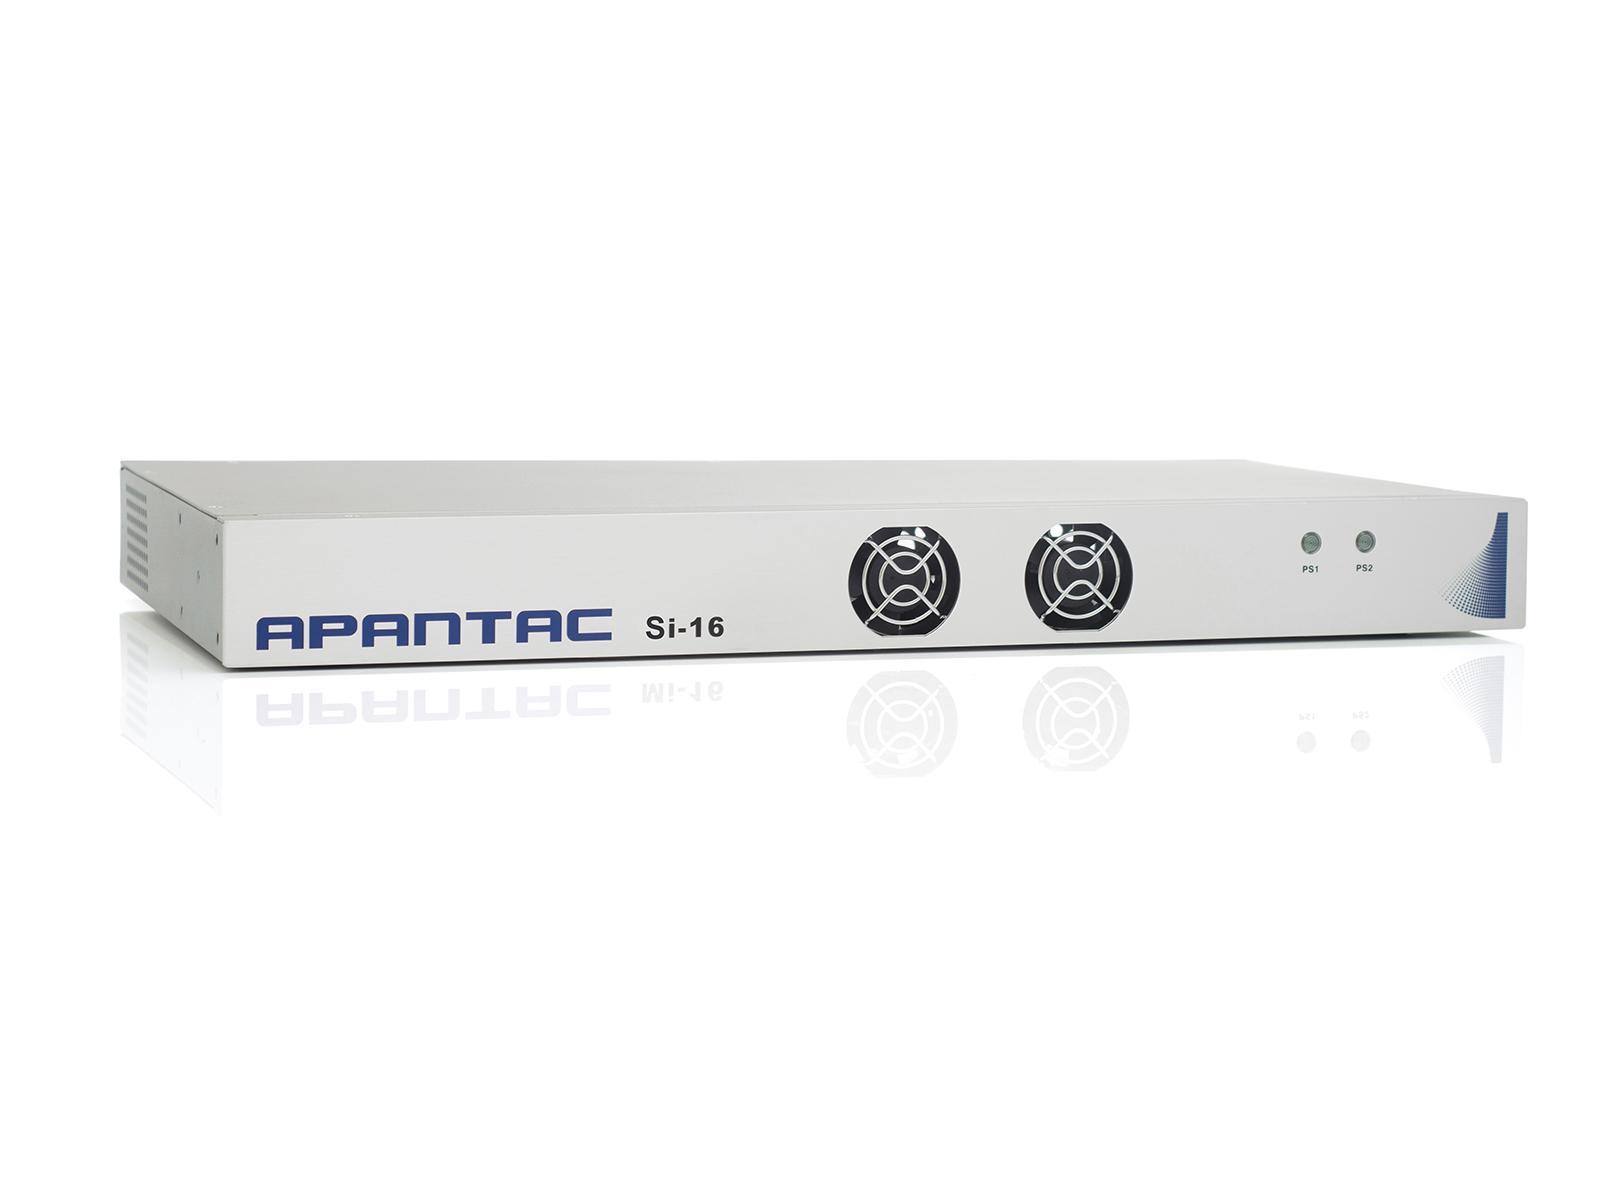 Apantac Si-16 16x2 VoIP (ST 2022-6)/HDMI/SDI Multiviewer in 1 RU